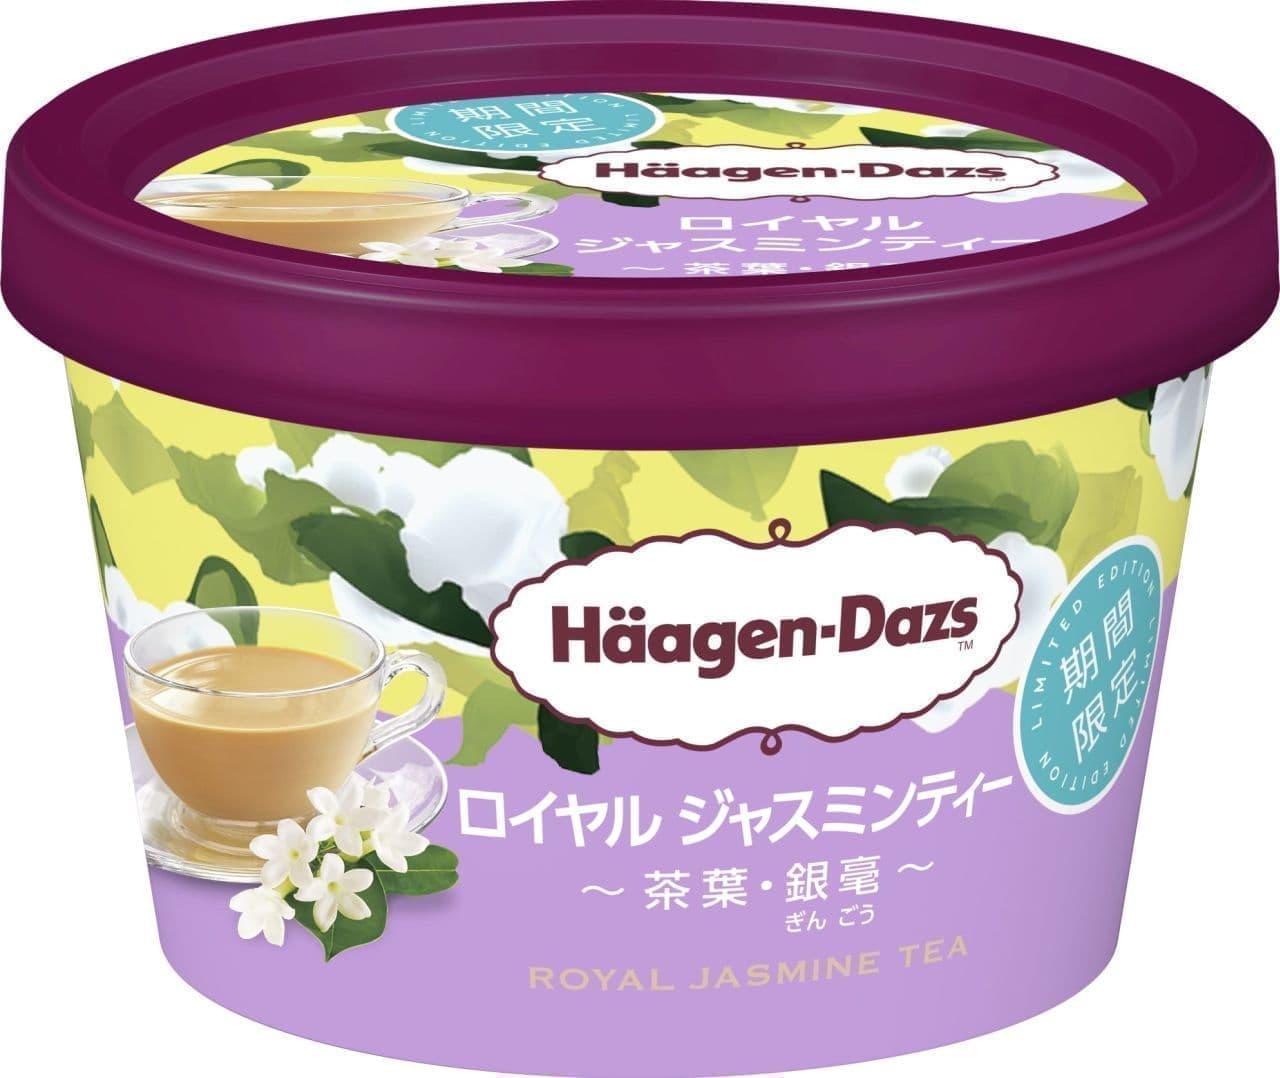 ハーゲンダッツ ミニカップの新商品「ロイヤル ジャスミンティー~茶葉・銀毫(ぎんごう)~」